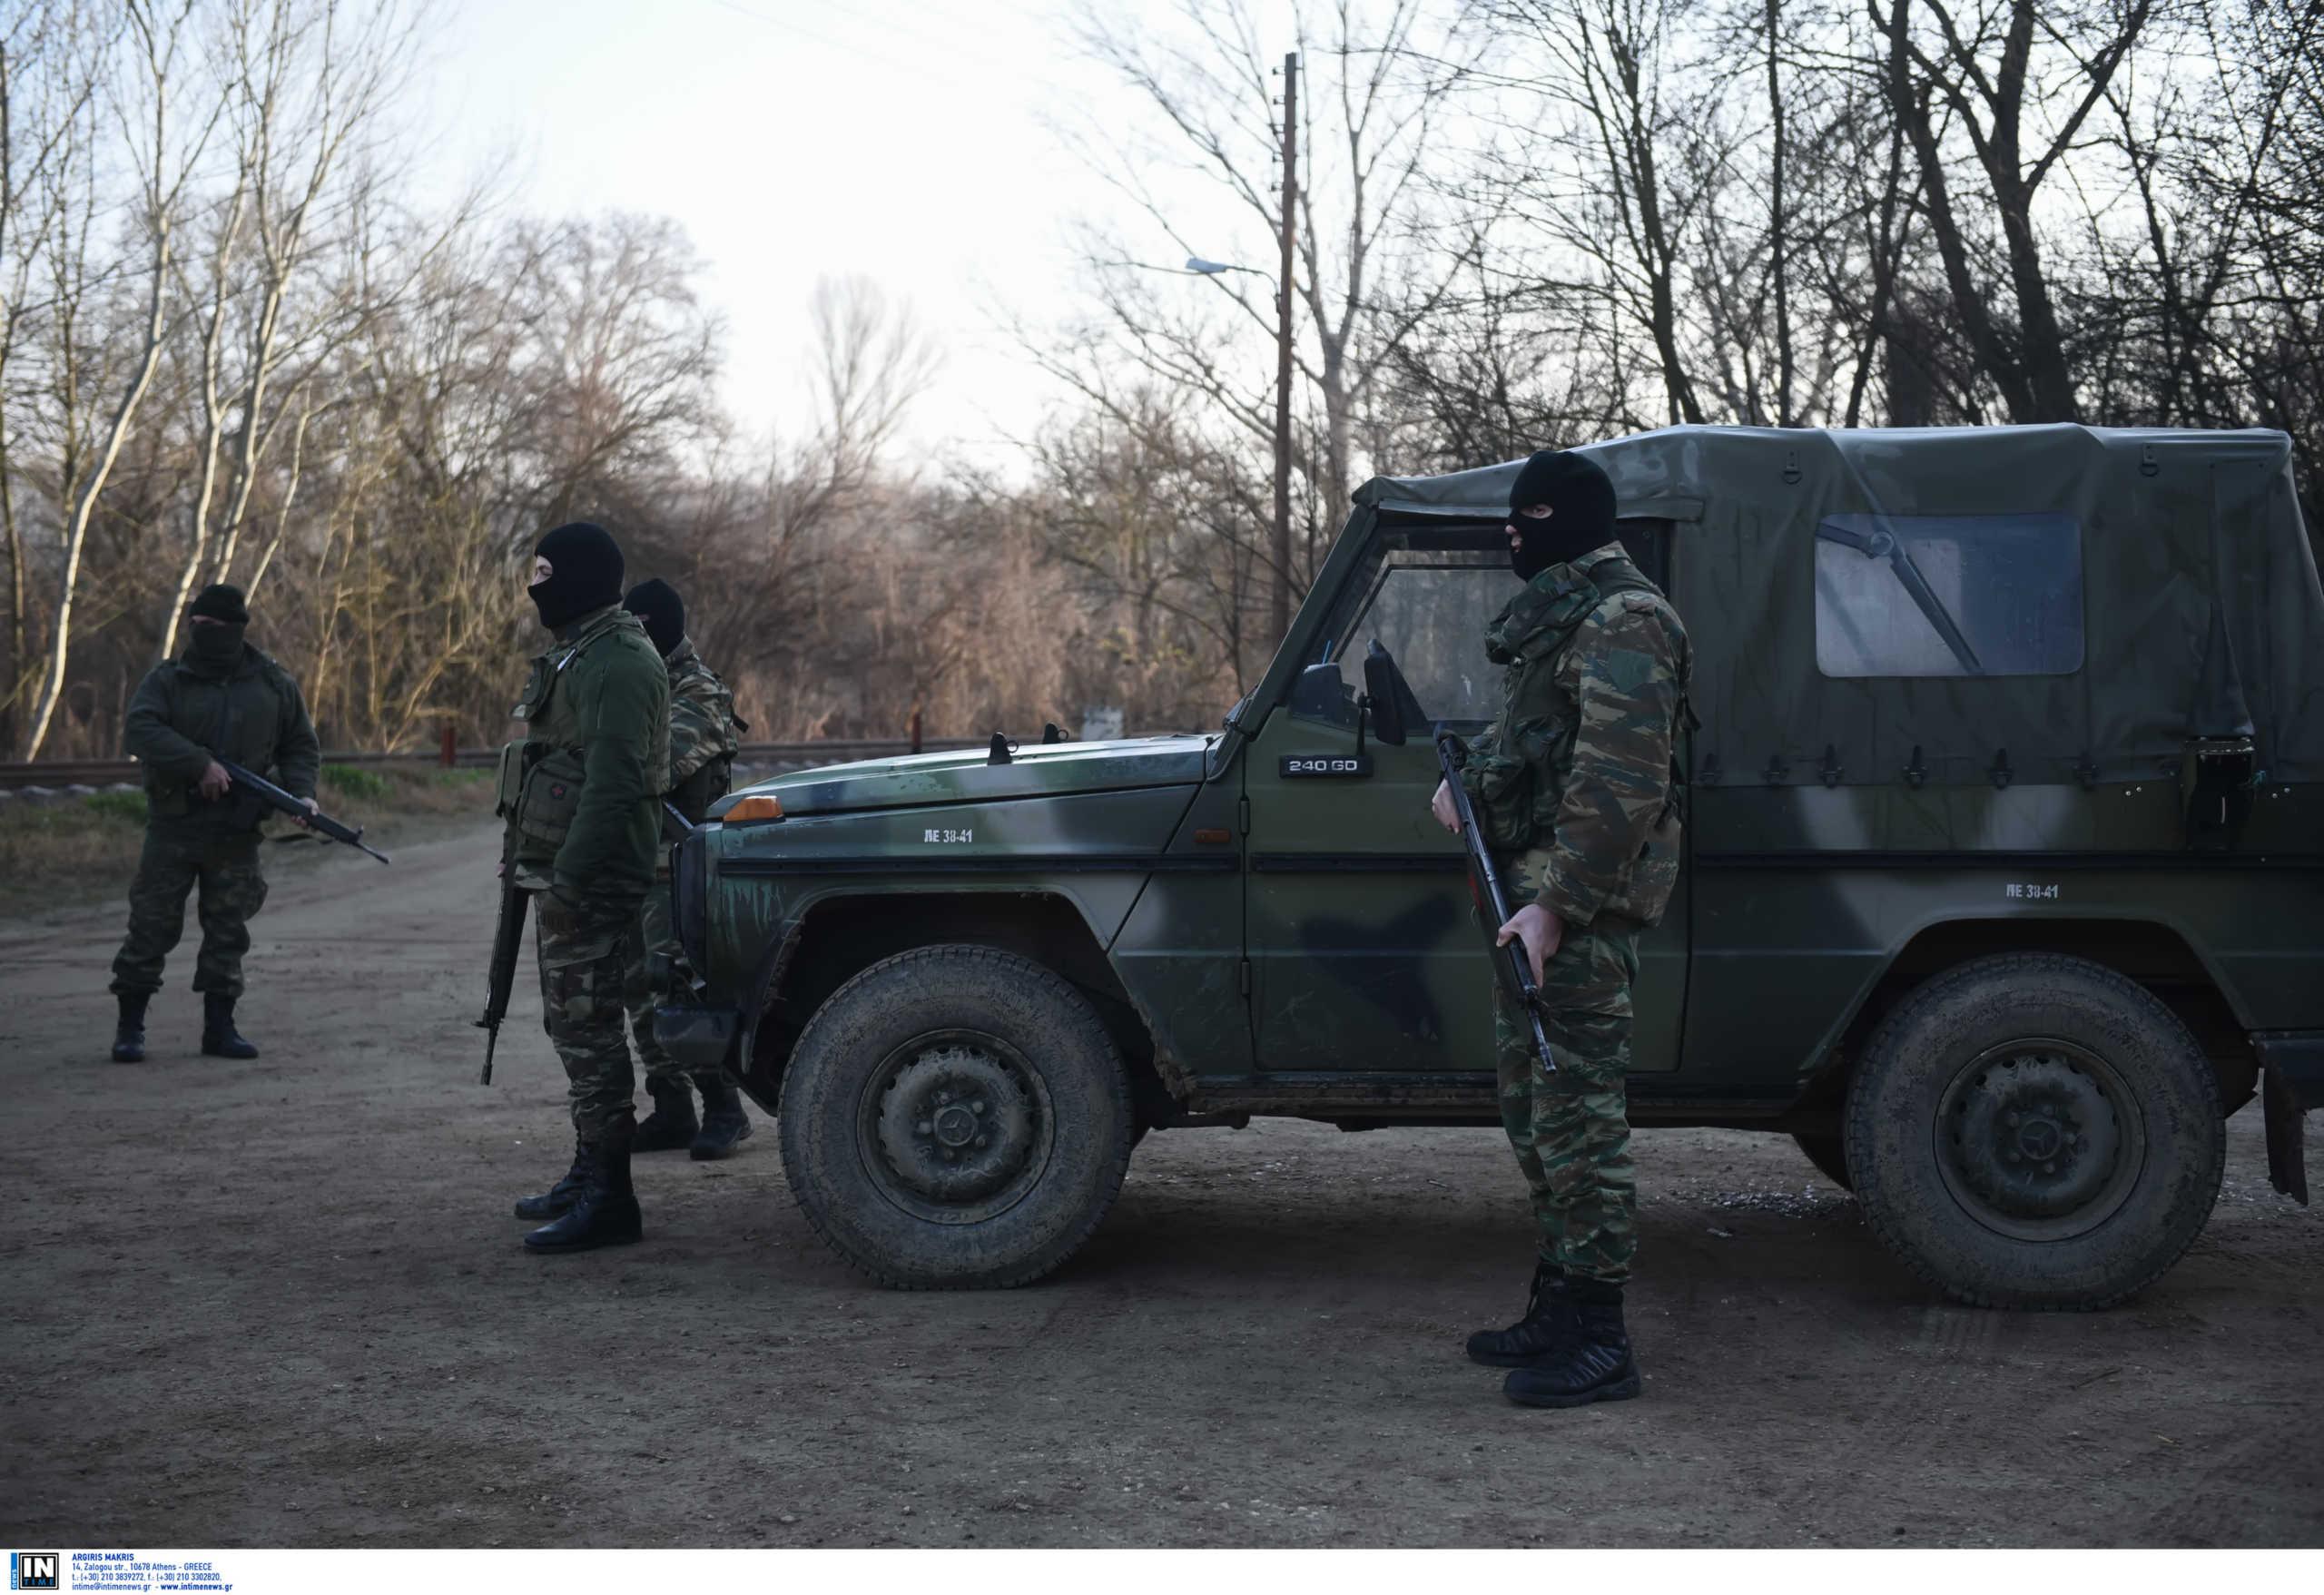 Επιτήδειοι δηλώνουν ότι μαζεύουν χρήματα για τους στρατιώτες στα σύνορα - Τι καταγγέλλει ο δήμαρχος Έβρου